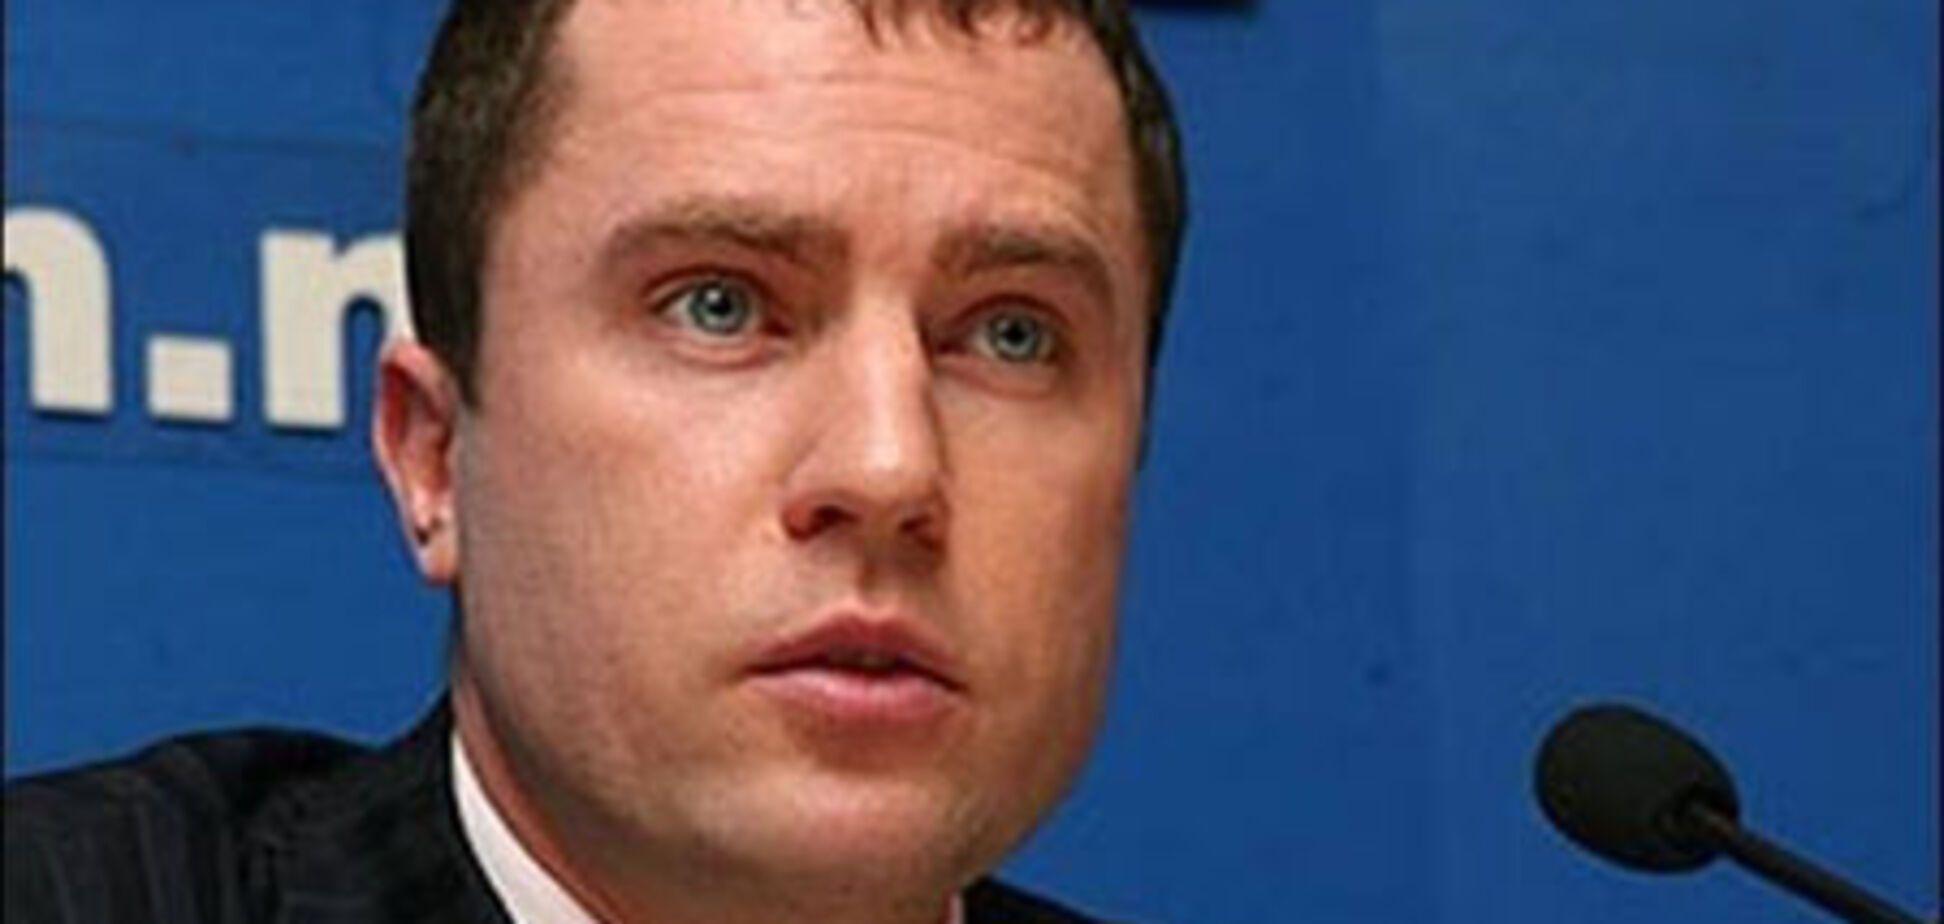 Взрывы в Макеевке носили политический характер - депутат ВР